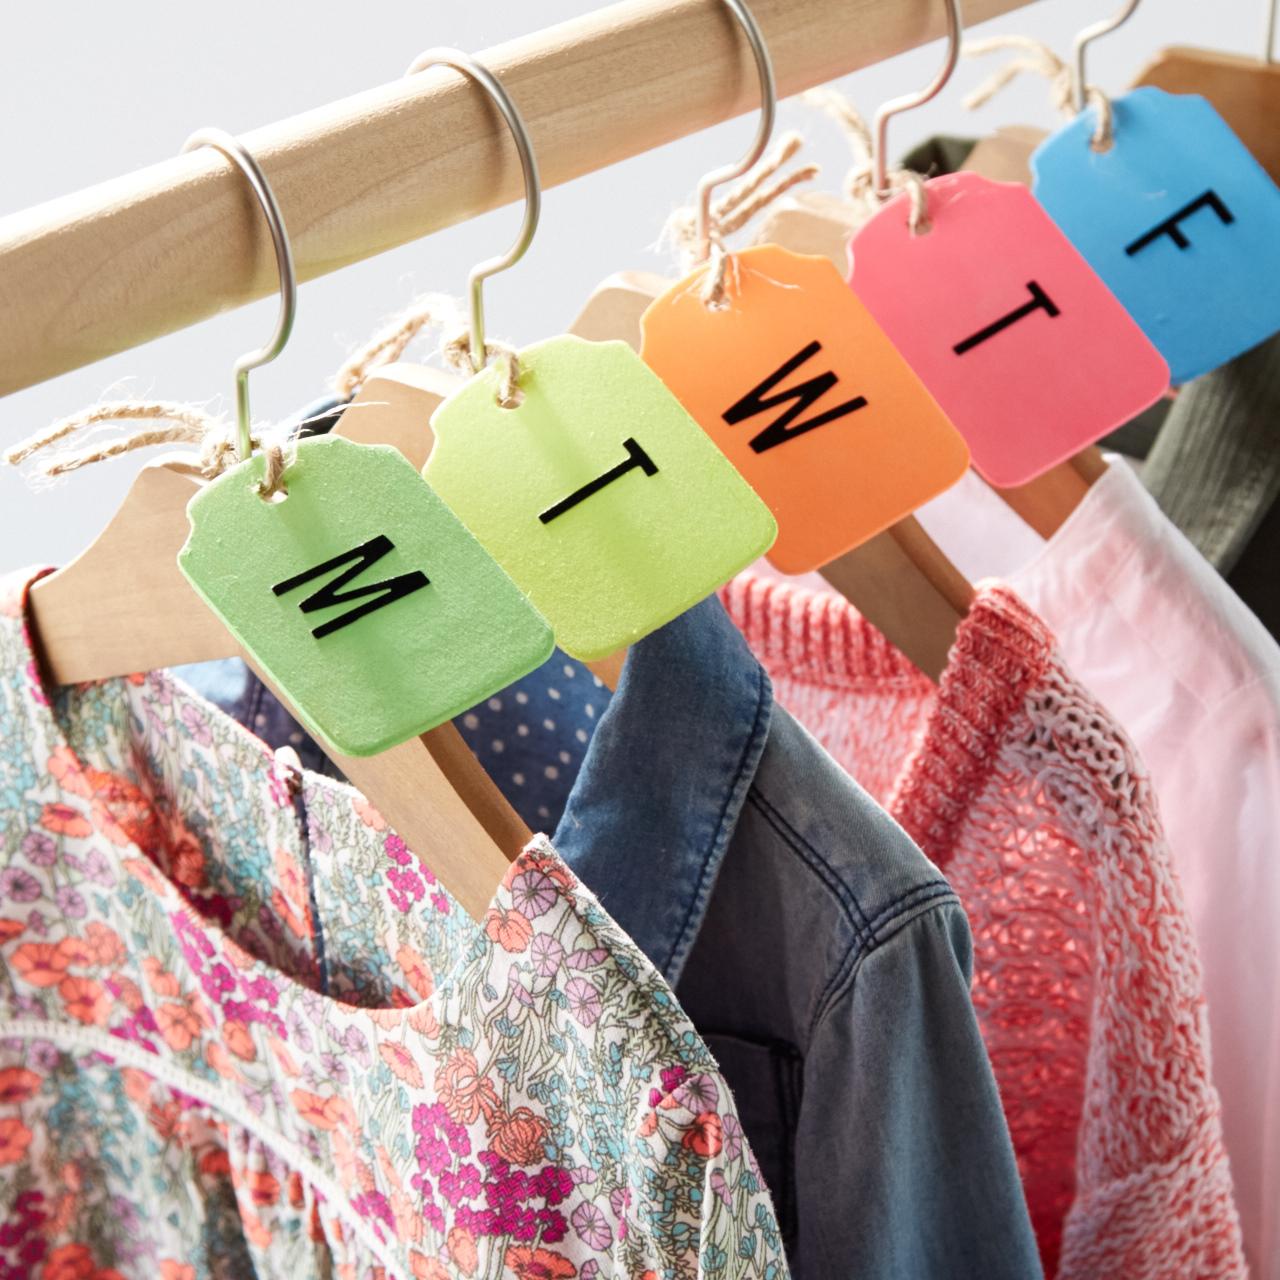 Days of the Week Hanger Tags  for  Oshkosh B'Gosh |  Steve Pomberg